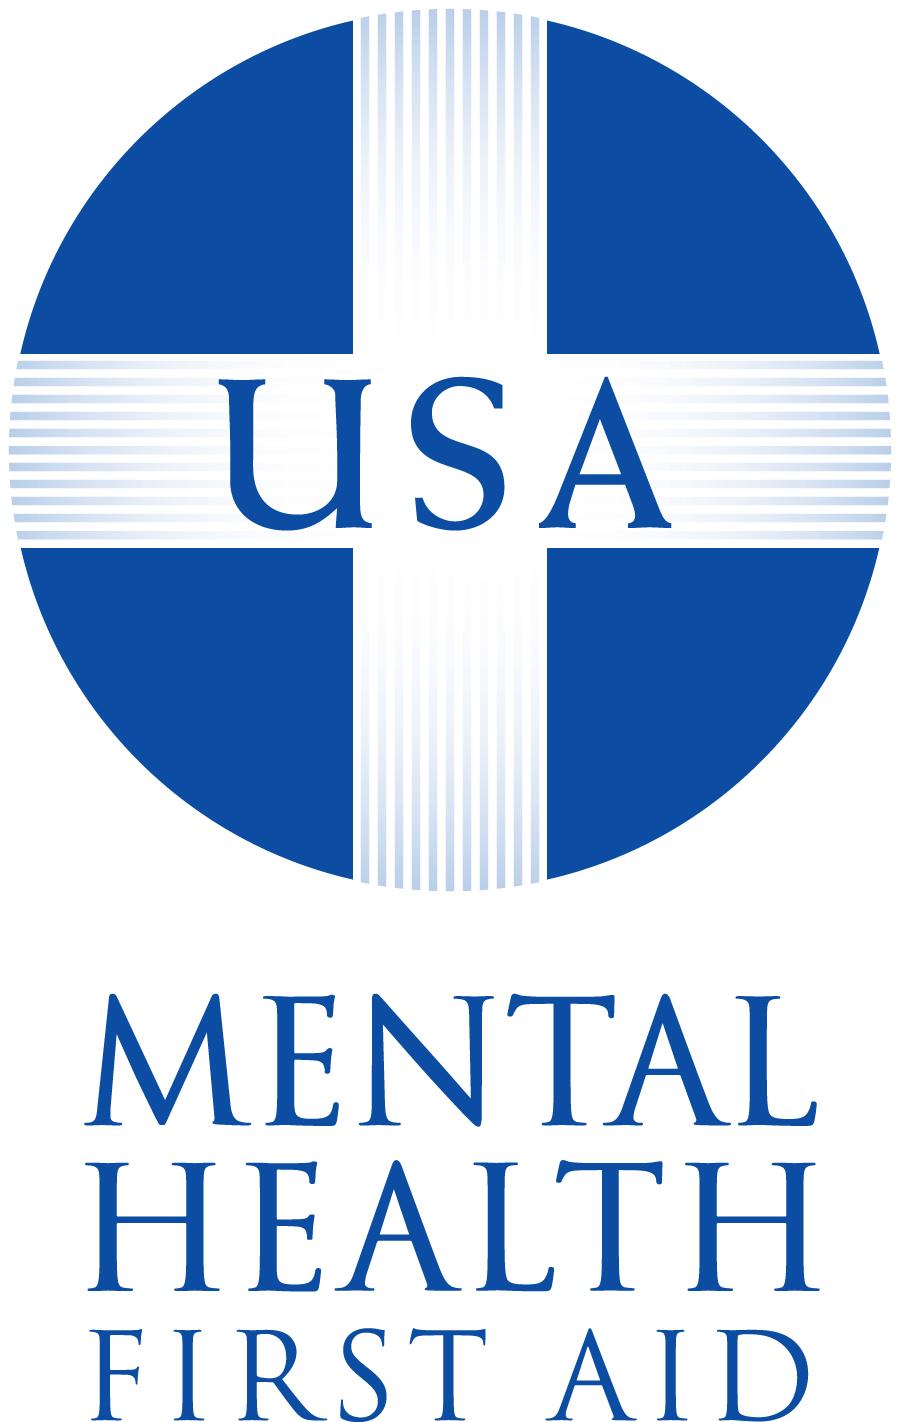 Mhapc Launches Mental Health First Aid Initiative Mental Health